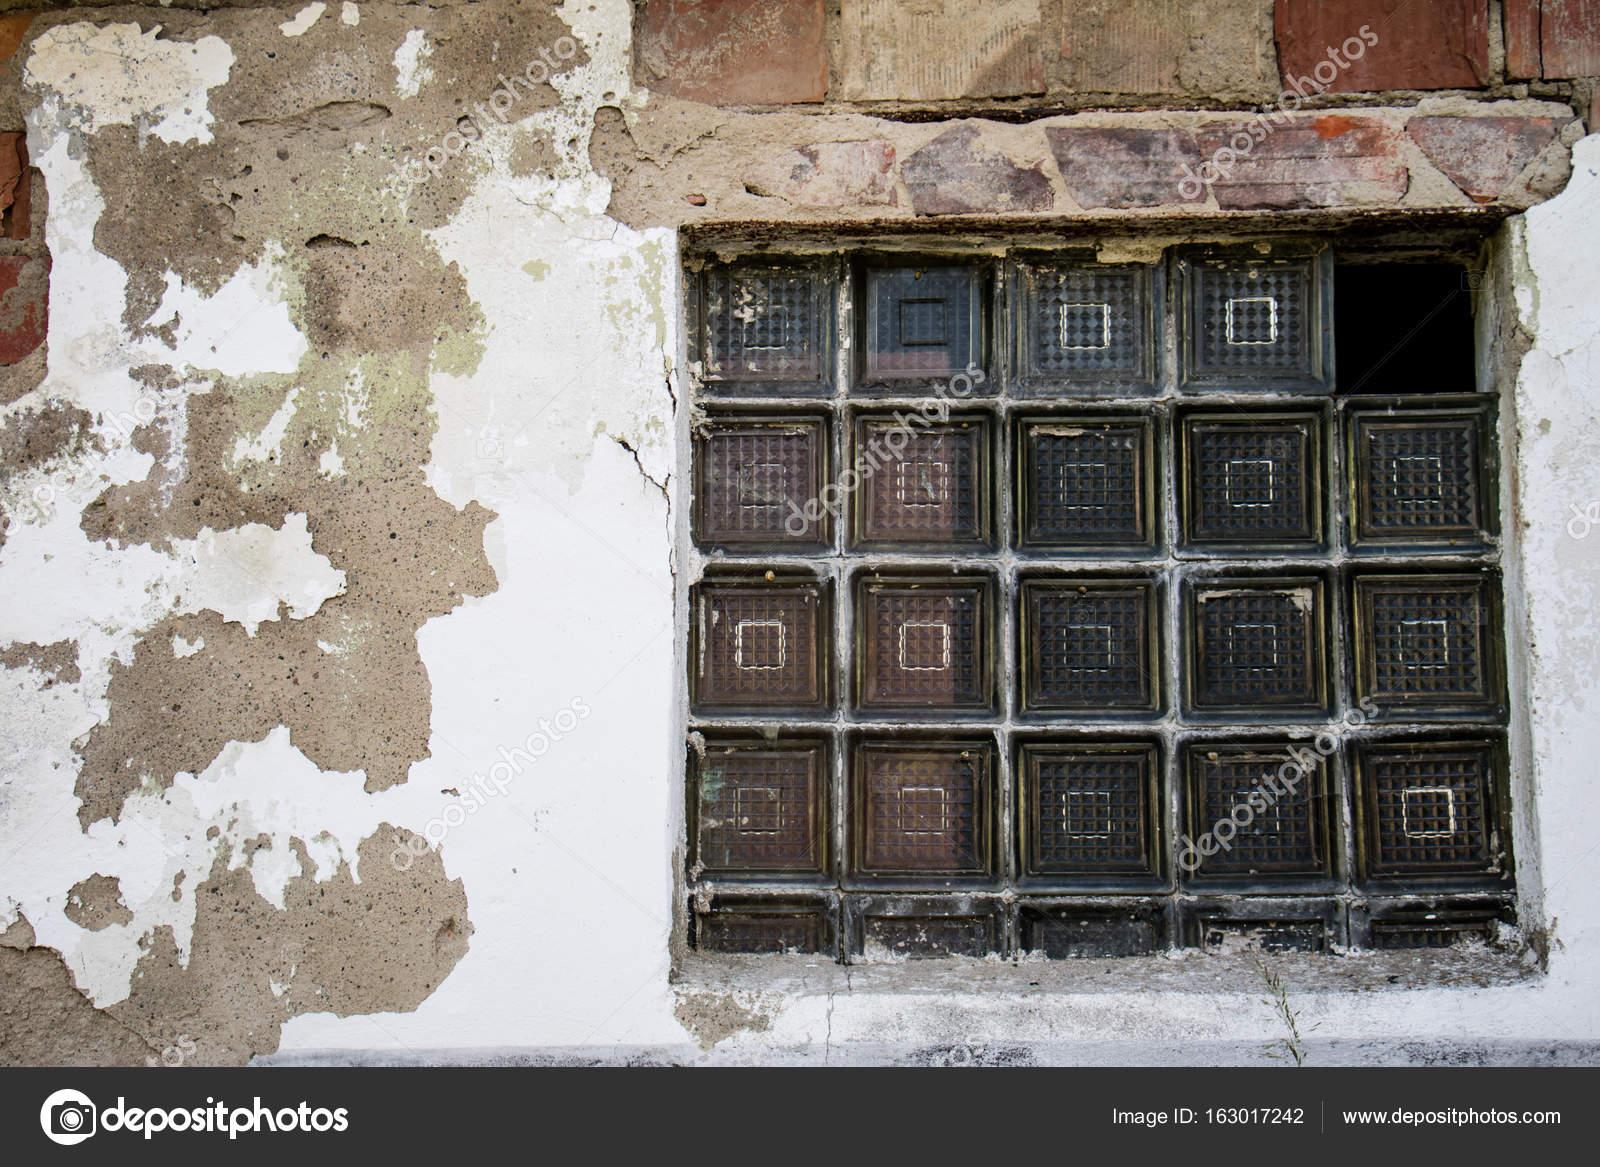 Altes Fenster fenster in einem zerstörten gebäude altes fenster eingebettet in